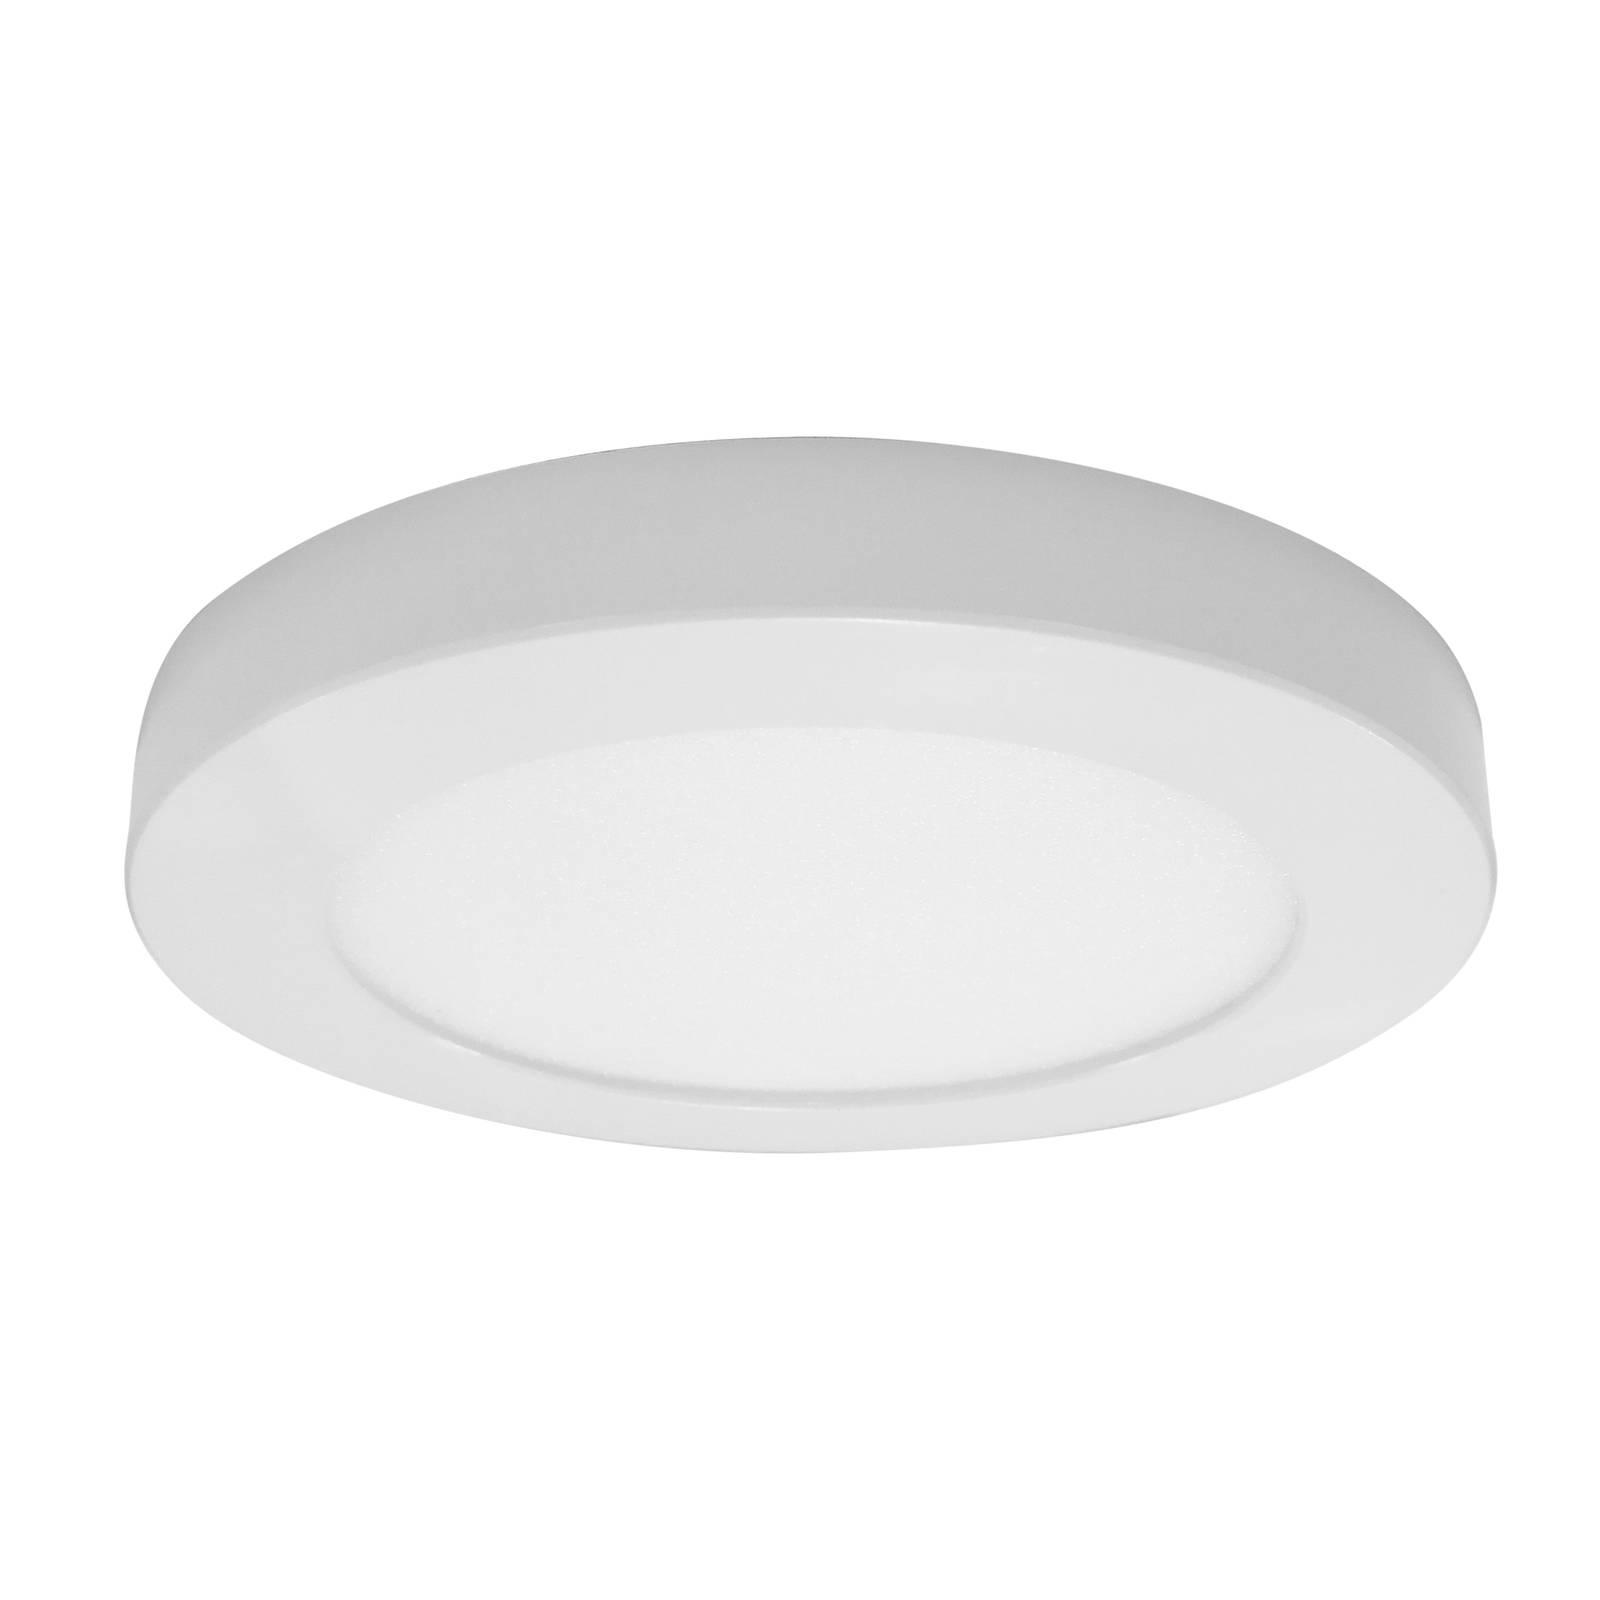 Prios Aureka -LED-kattovalaisin, anturi 33 cm